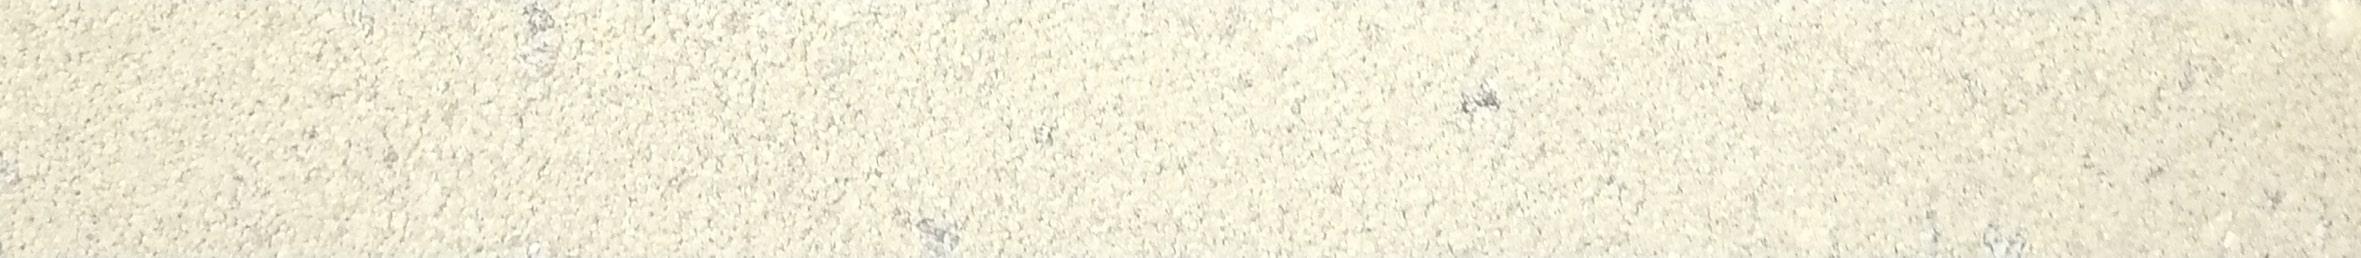 Fugenmörtel - Fugenfarbe 1013